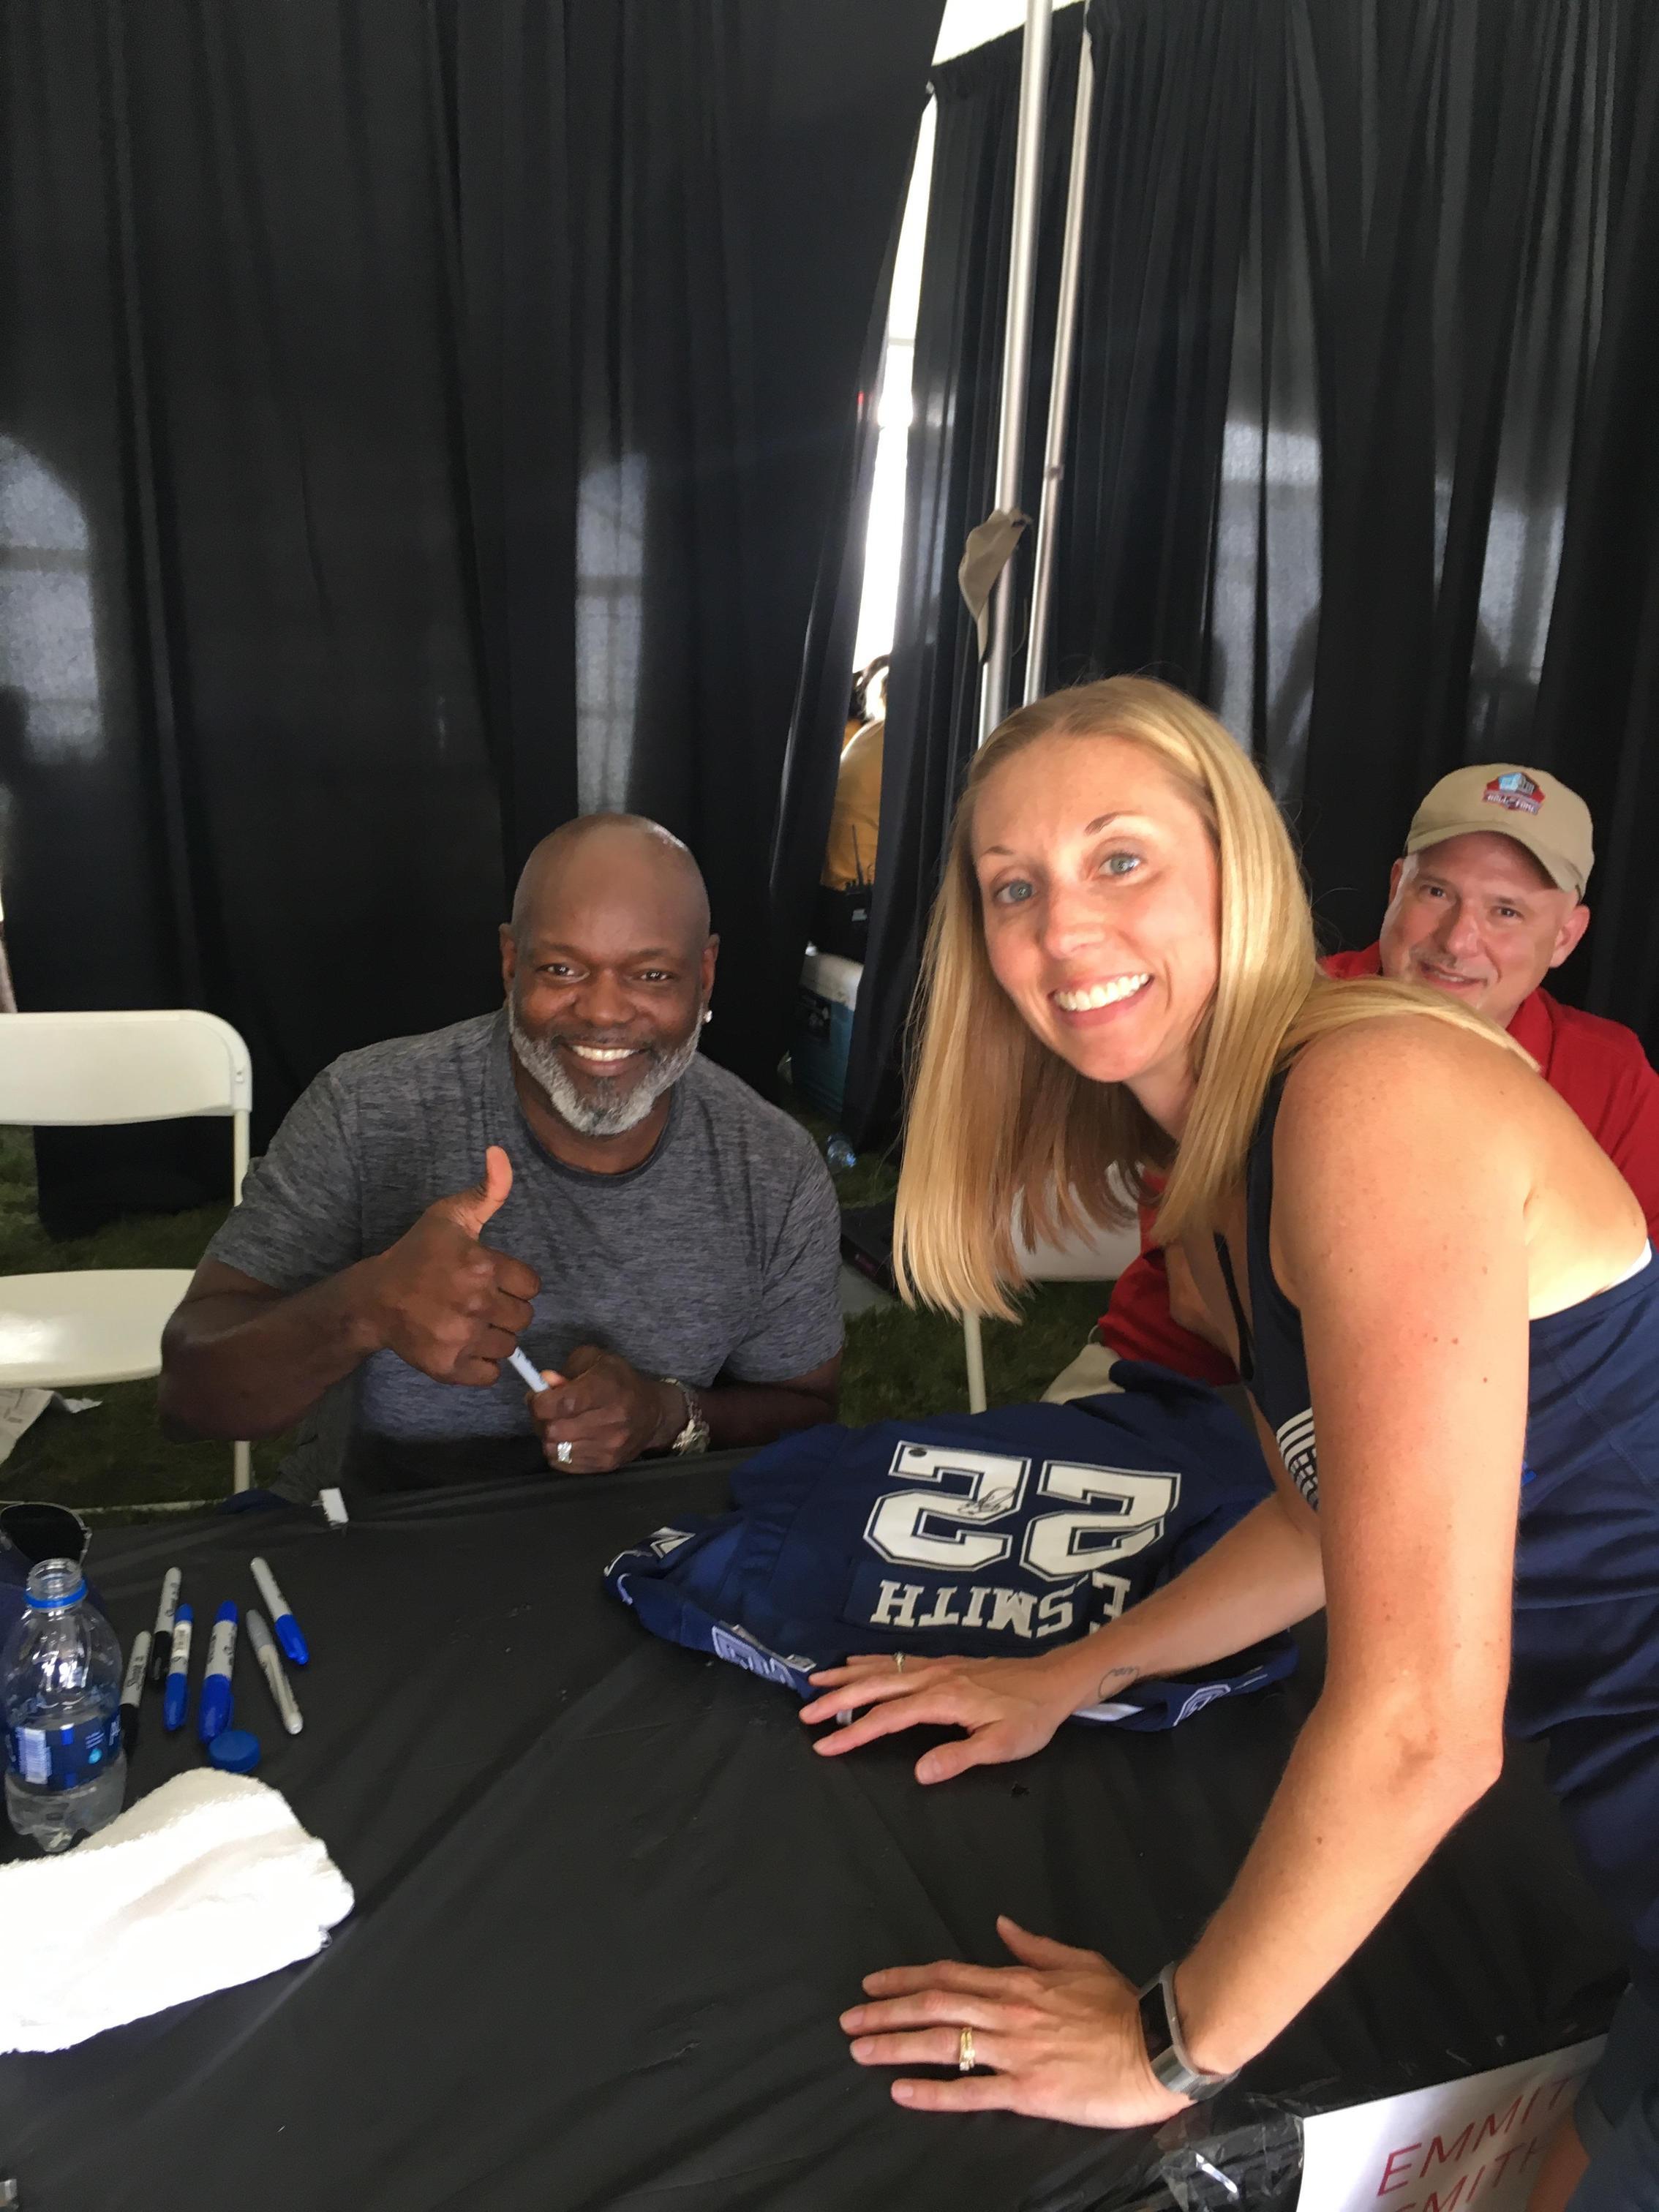 Meeting my hero...Emmitt Smith!